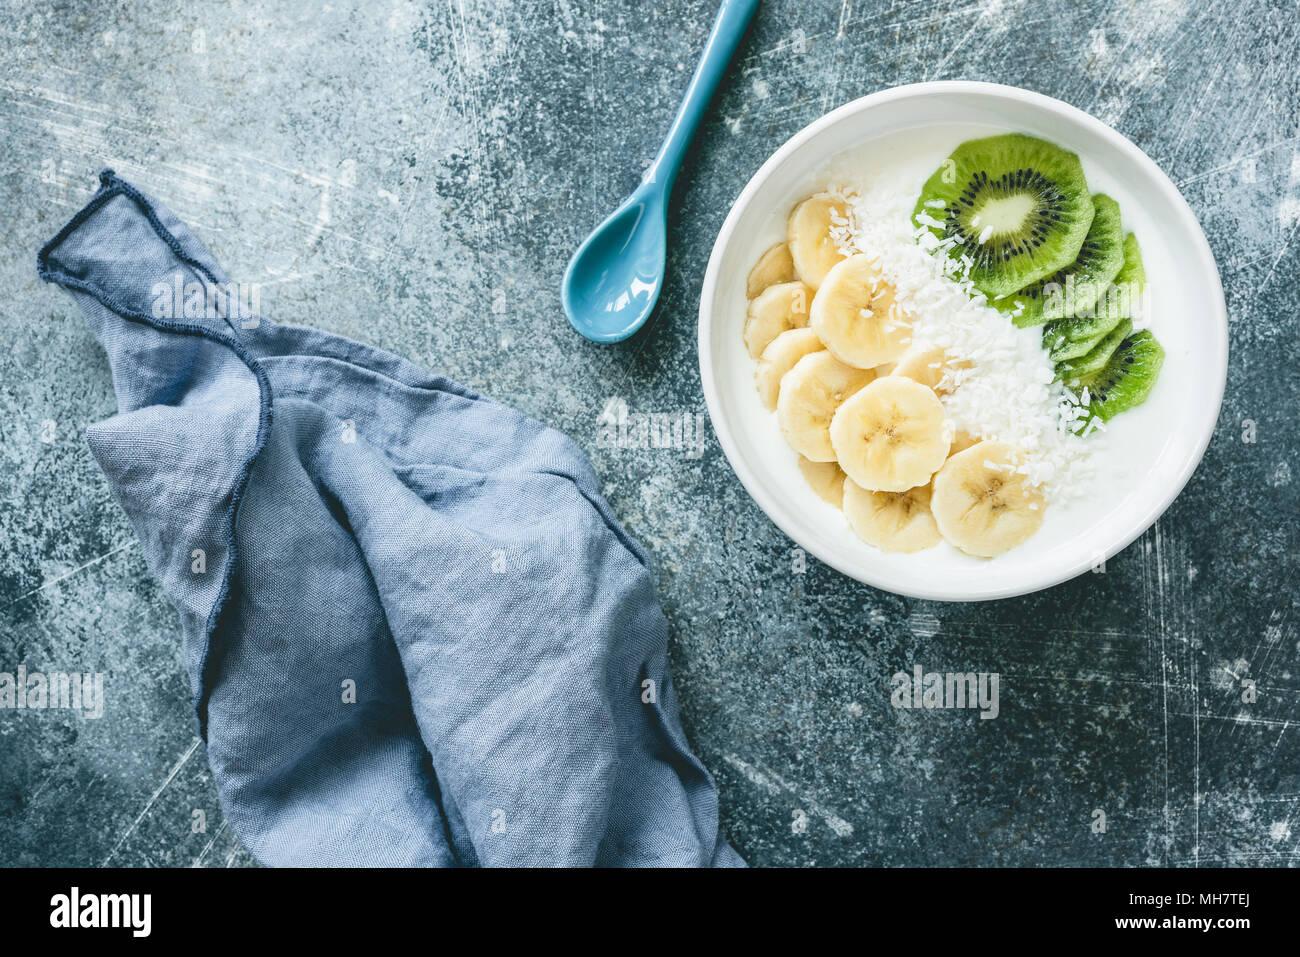 Yaourts à la banane, kiwi et bol de noix de coco. Vegan yaourt avec des fruits. La saine alimentation, les régimes, le fitness, concept de vie. Vue de dessus de table Photo Stock